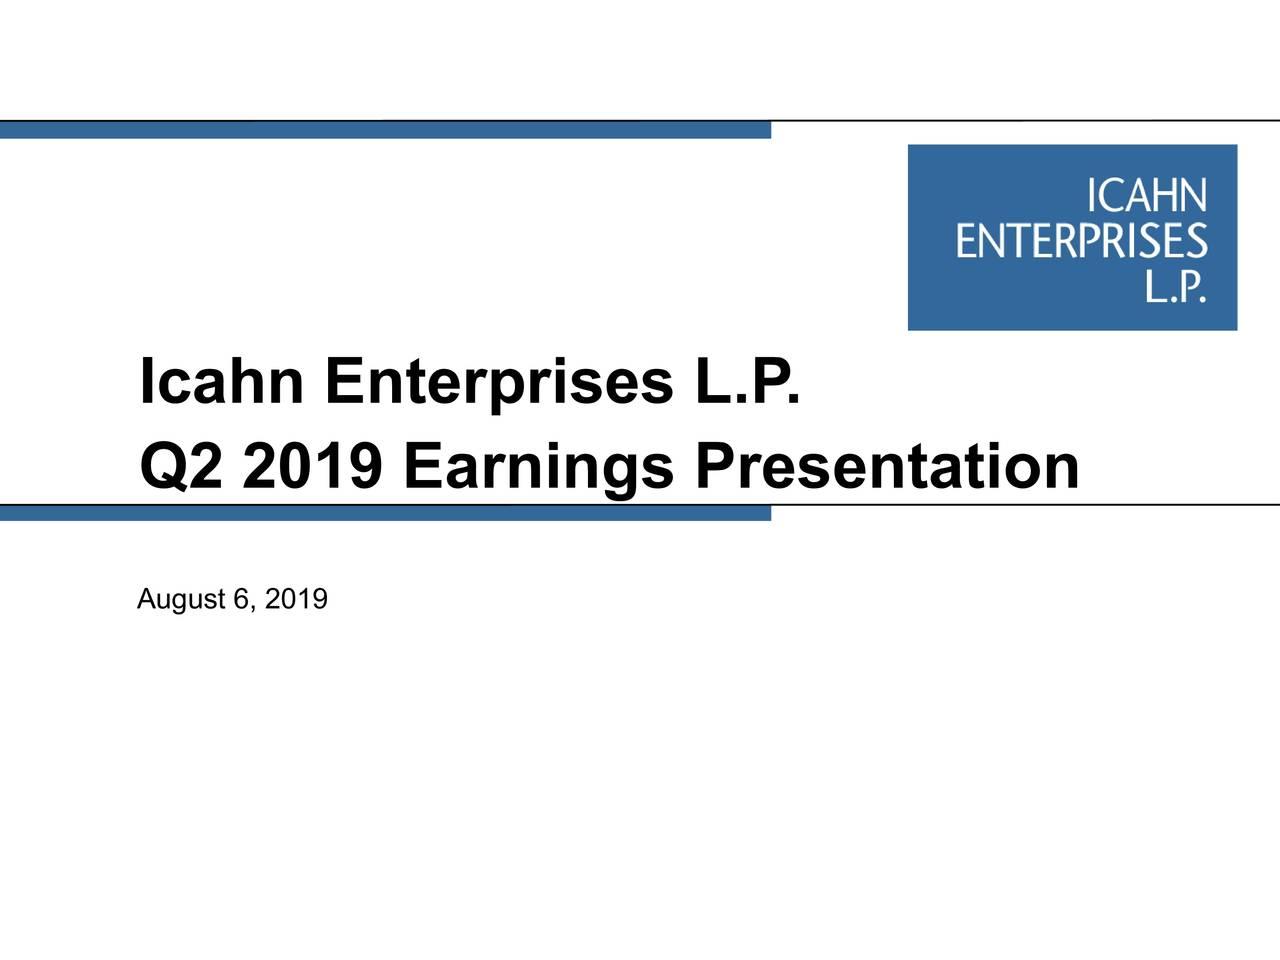 Icahn Enterprises L.P       .